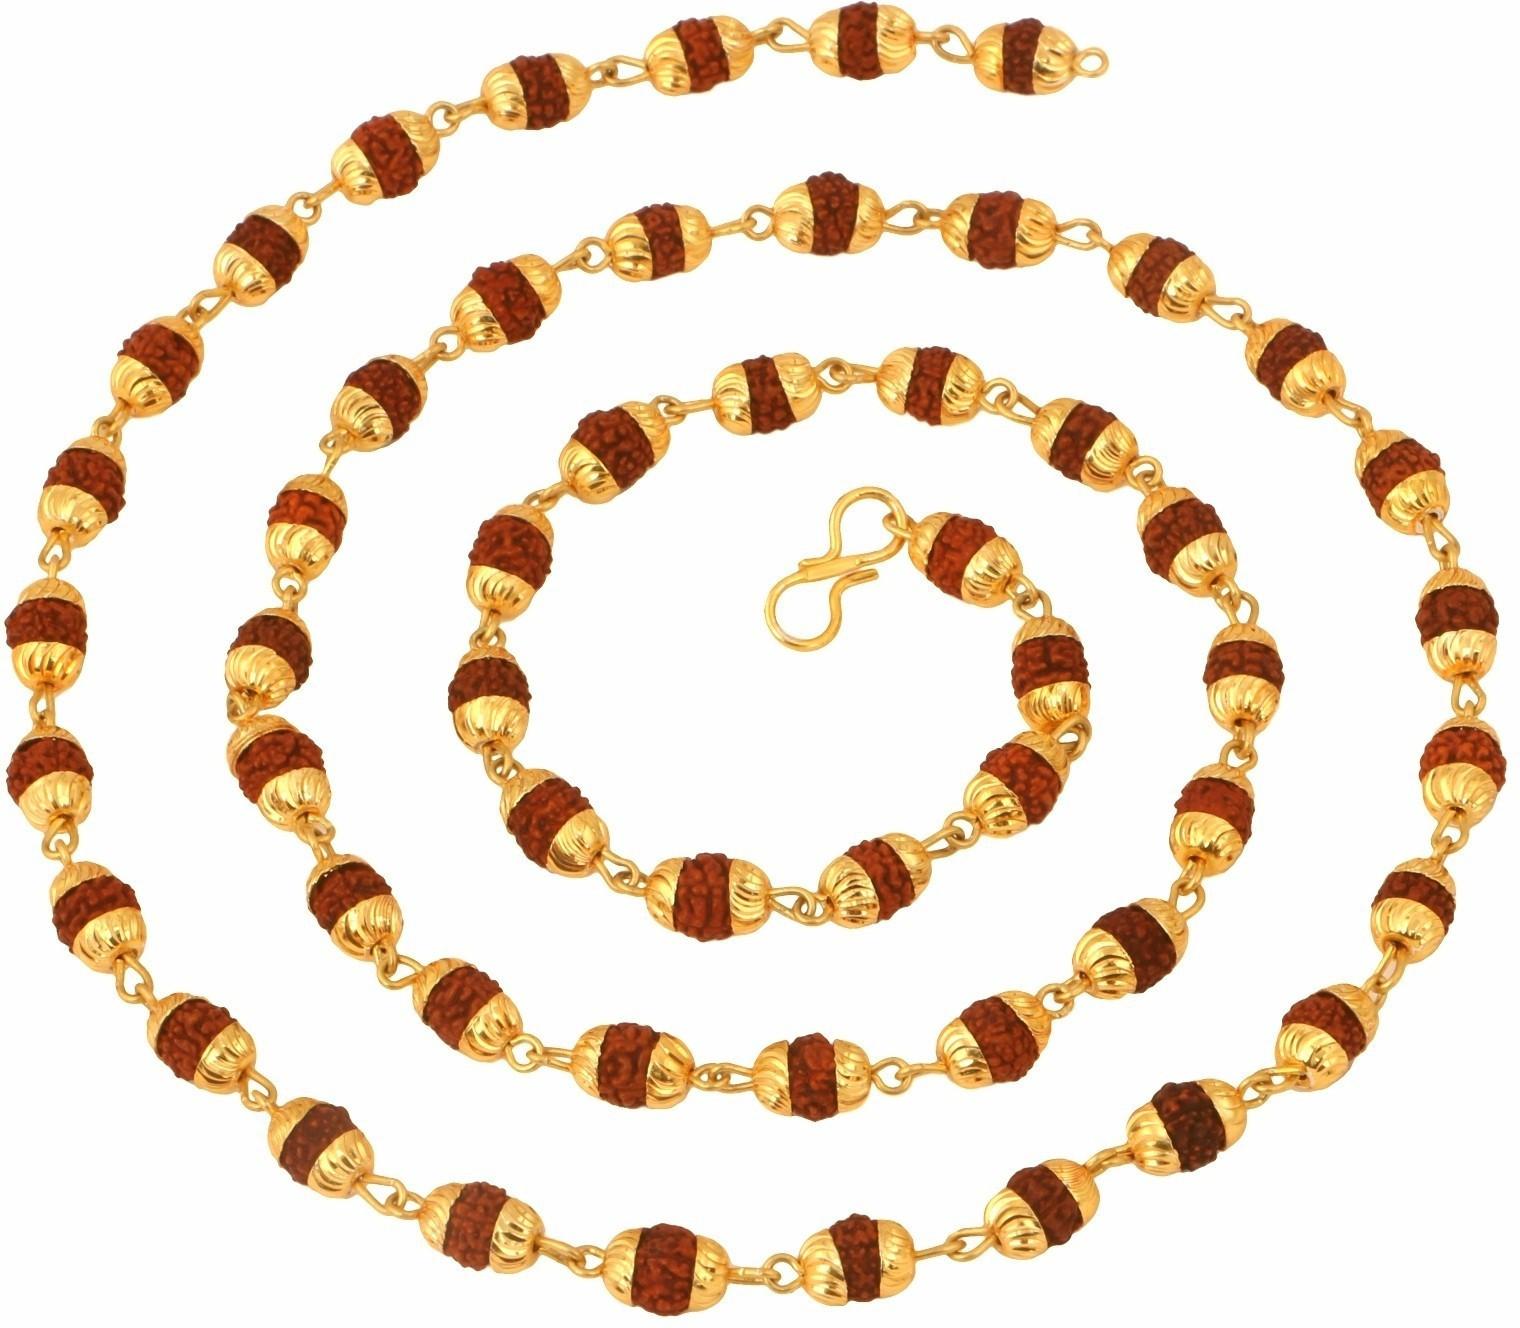 Deals - Delhi - Fashion Jewellery <br> Earrings, Pendants...<br> Category - jewellery<br> Business - Flipkart.com